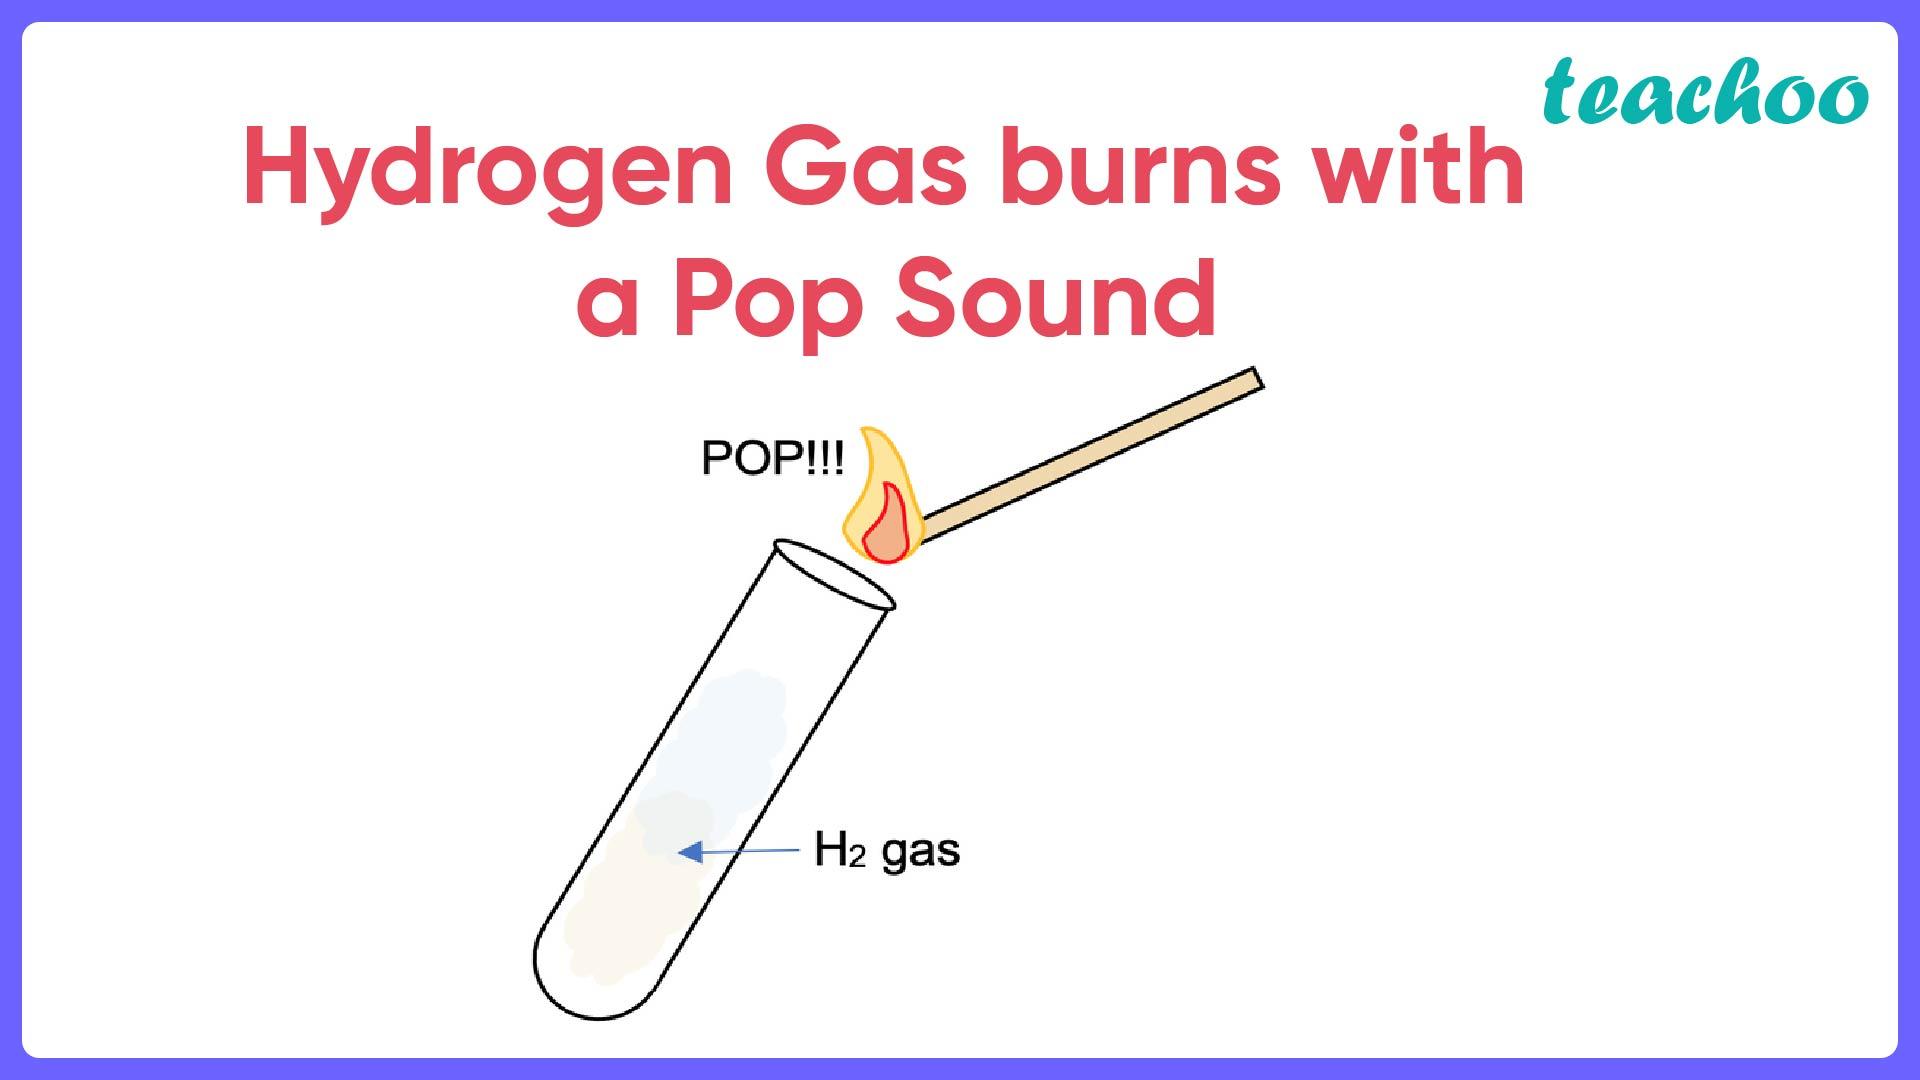 Hydrogen Gas burns with a Pop Sound - Teachoo-01.jpg